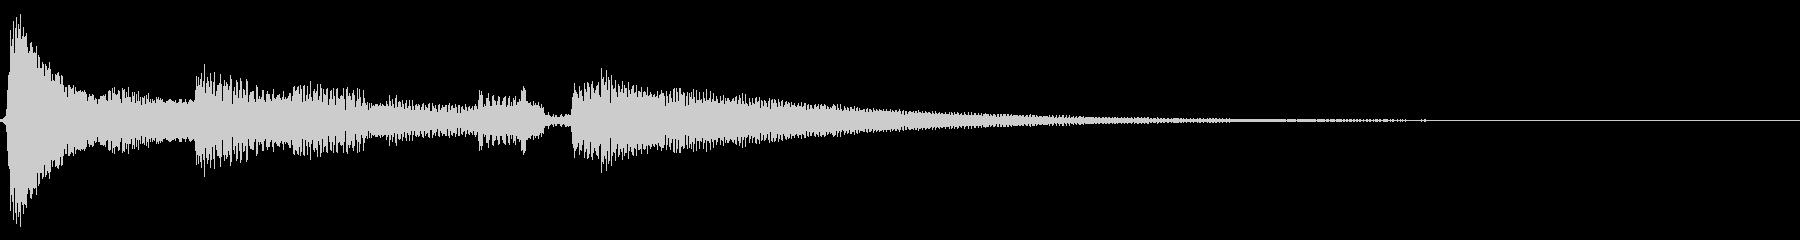 アコギ生音のジングル/おしゃれ の未再生の波形